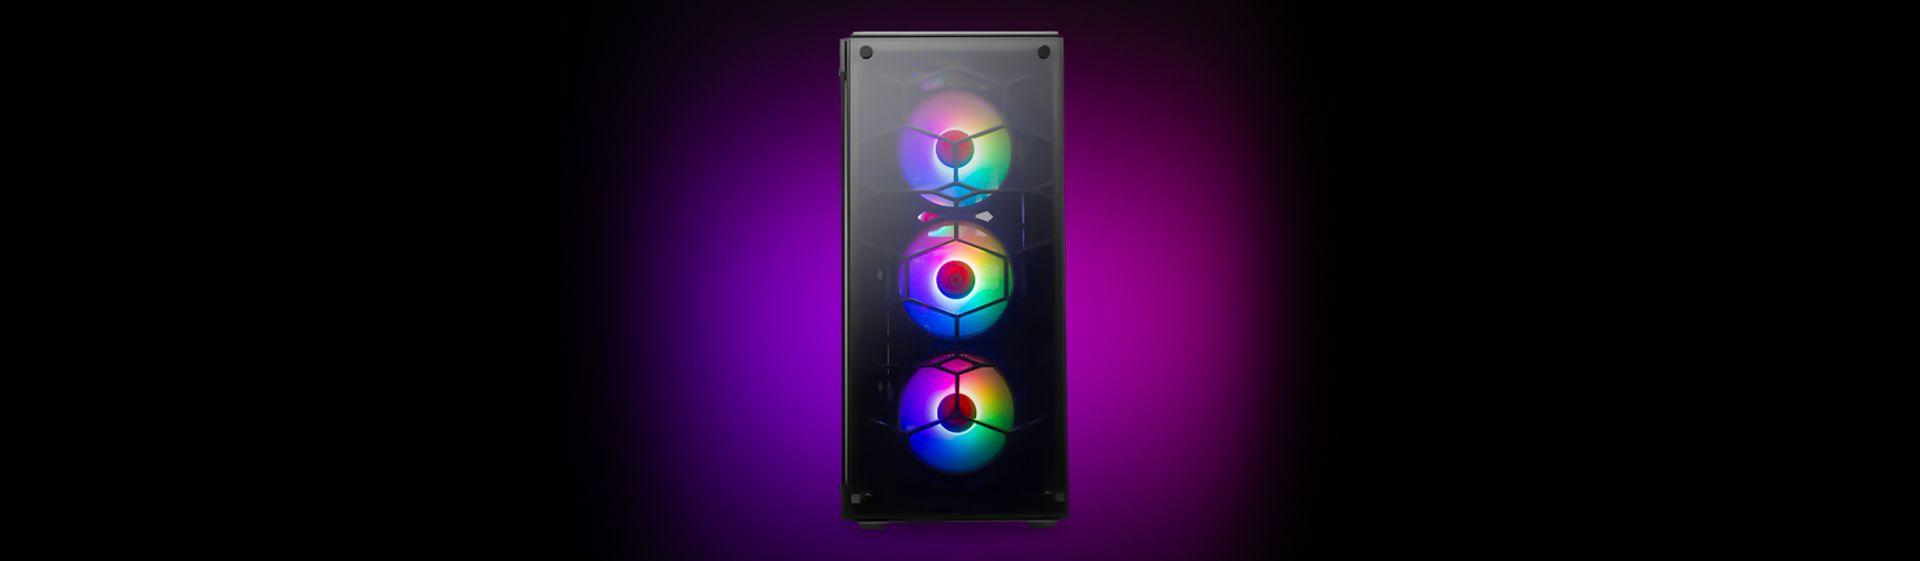 Melhor gabinete Redragon: 6 opções com proteção e estilo para o seu PC